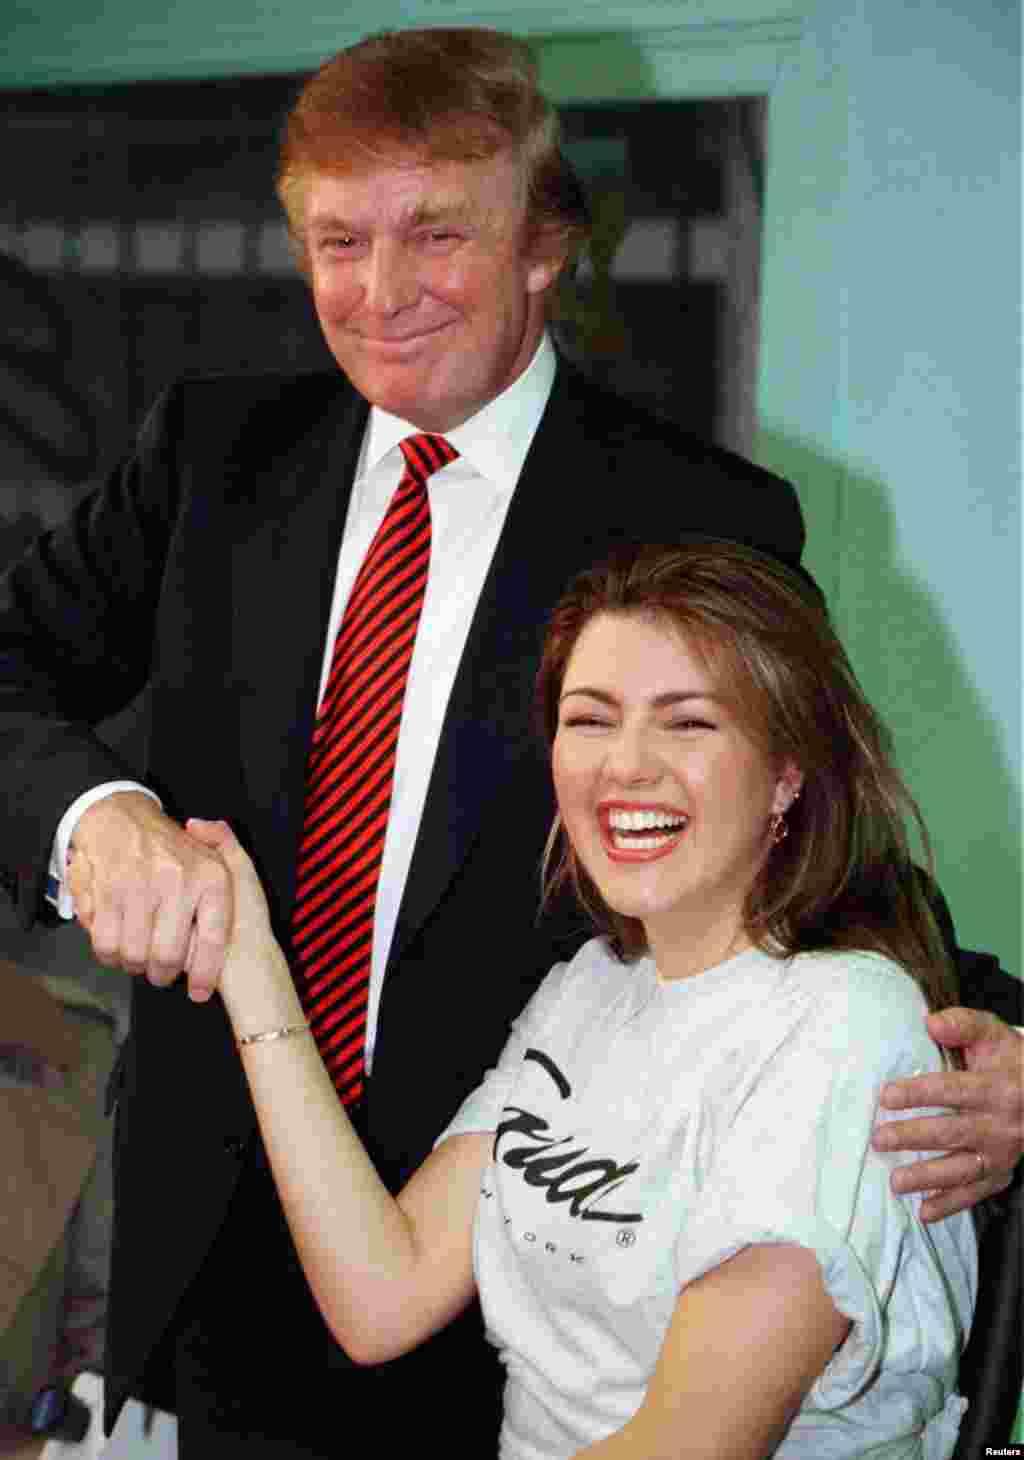 Трамп стал директором конкурса Мисс Вселенная в 1996 году. Алисия Мачадо, выигравшая конкурс в том году, позже заявила, что Трамп запугивал и оскорблял ее